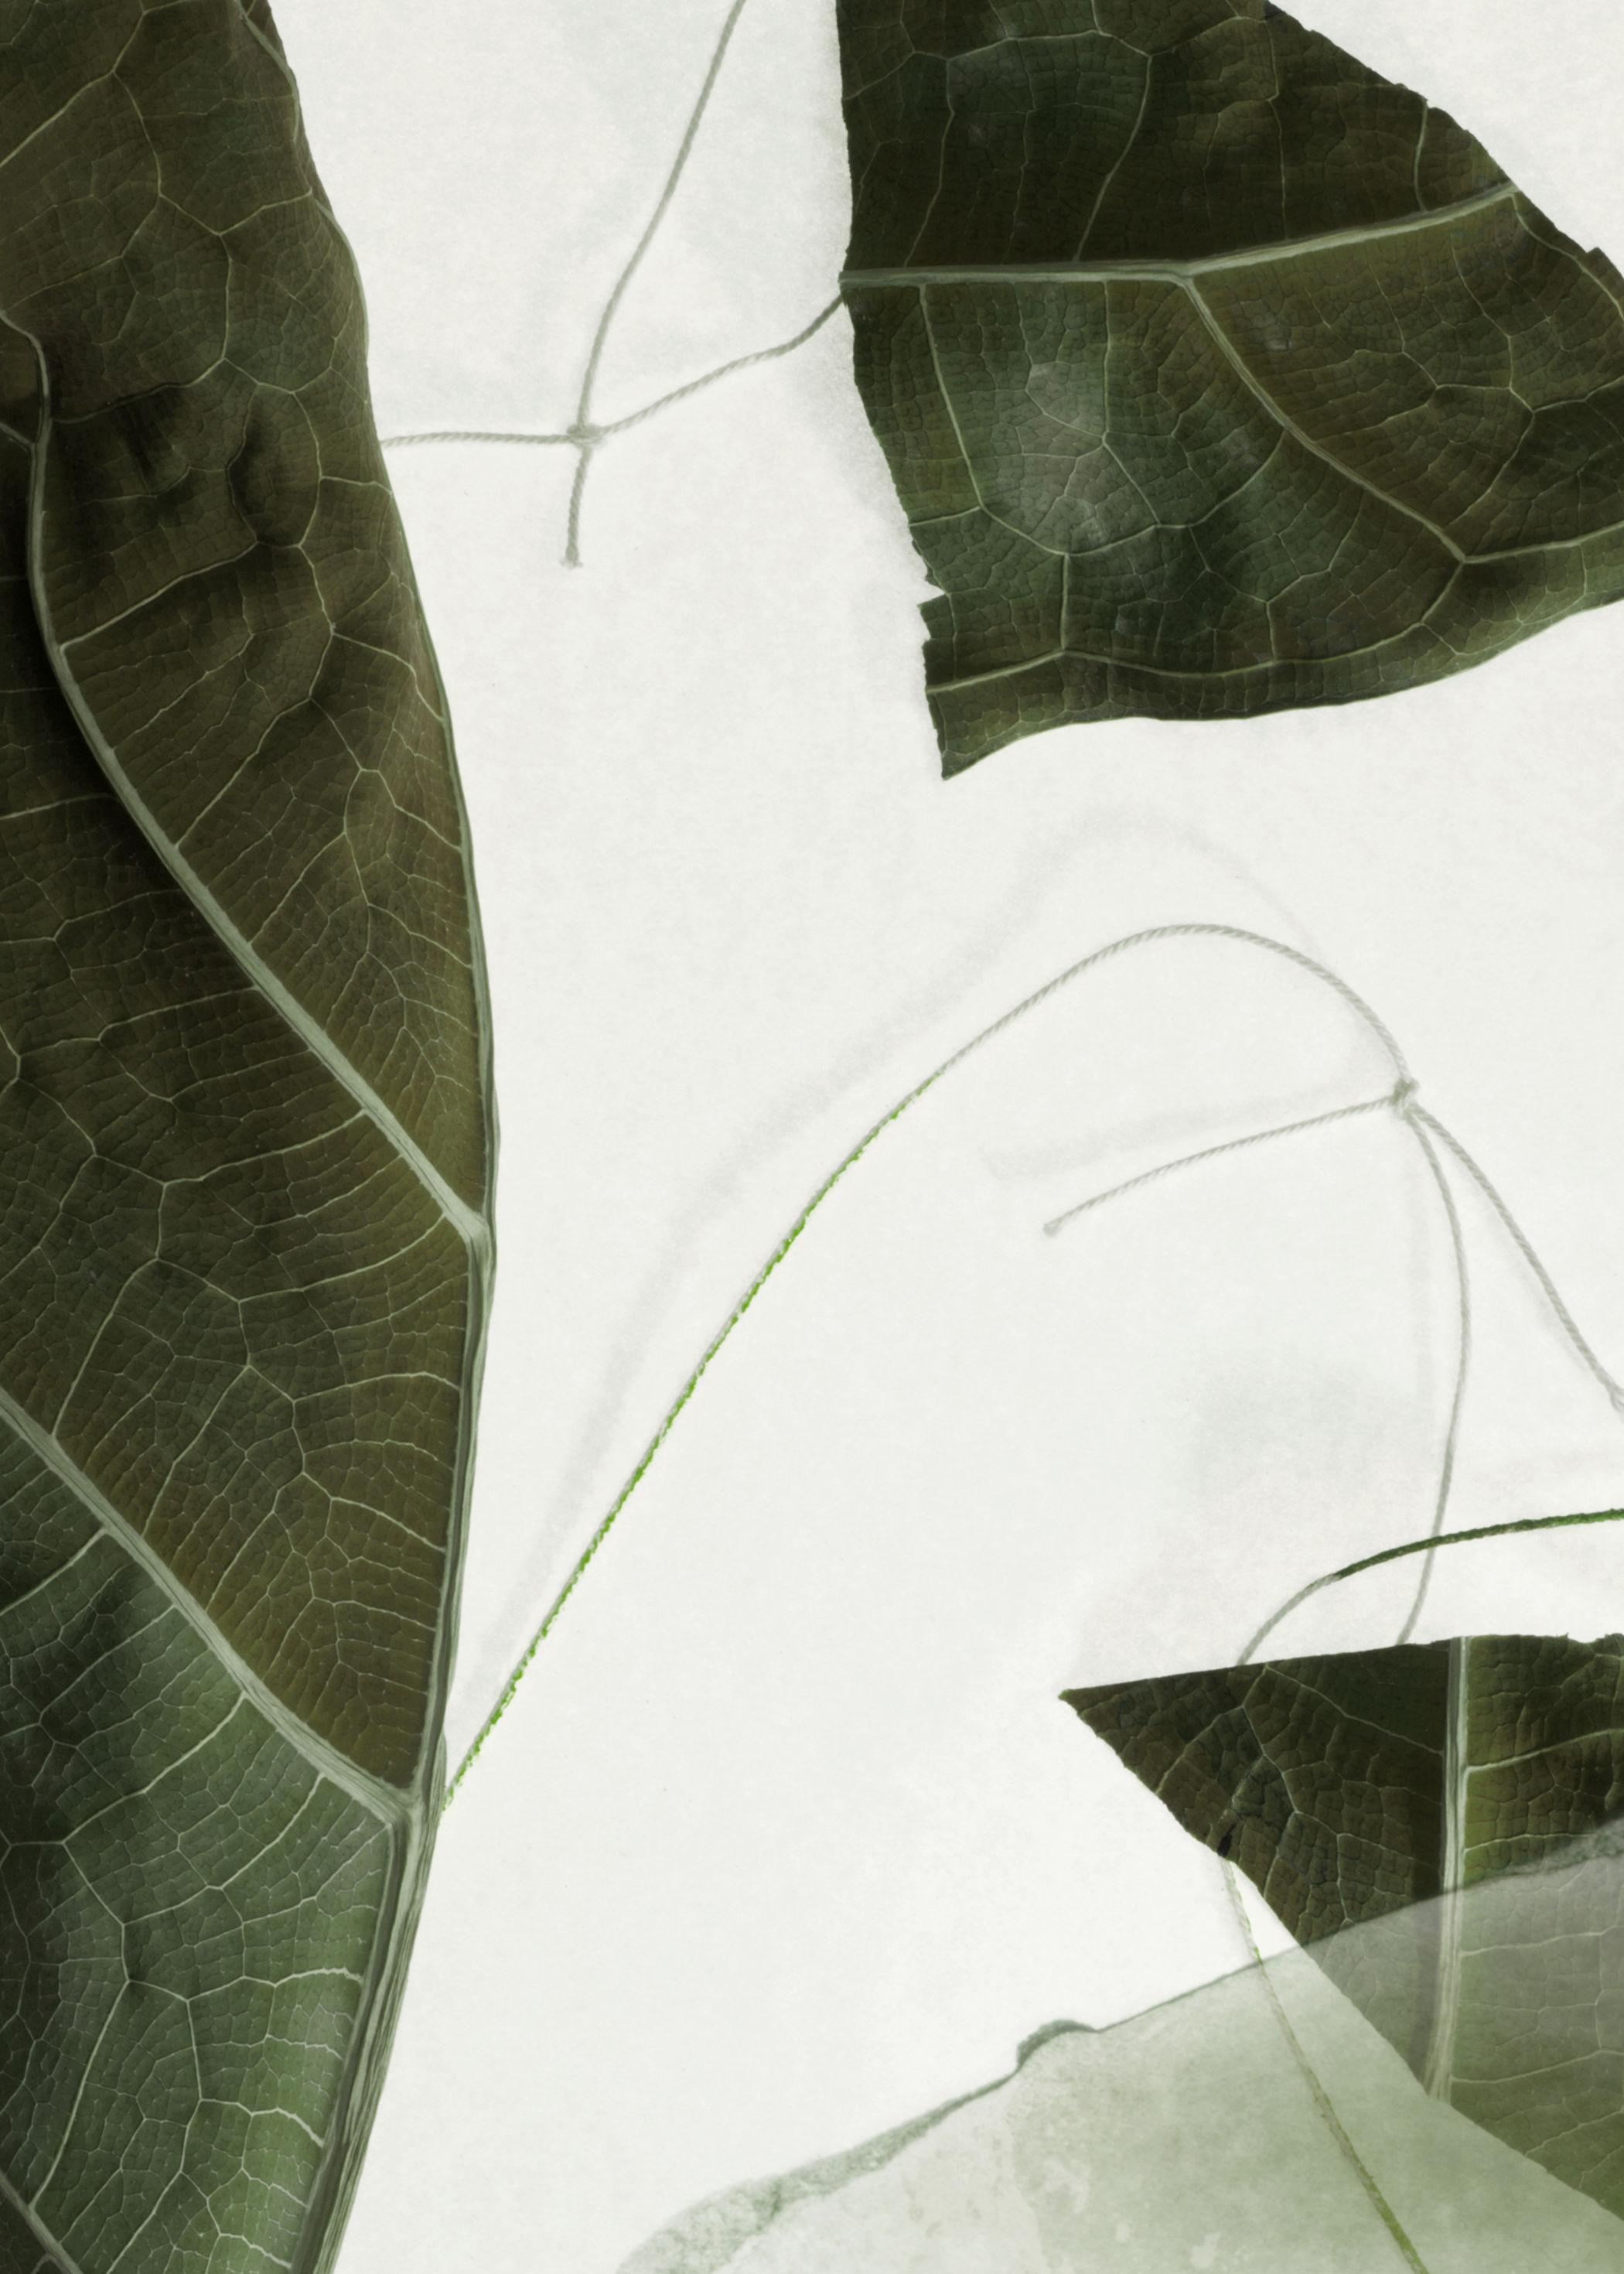 앤 아더 스토리즈 '아라베스크 우드' 핸드 로션 250ml & OTHER STORIES Arabesque Wood Hand Lotion